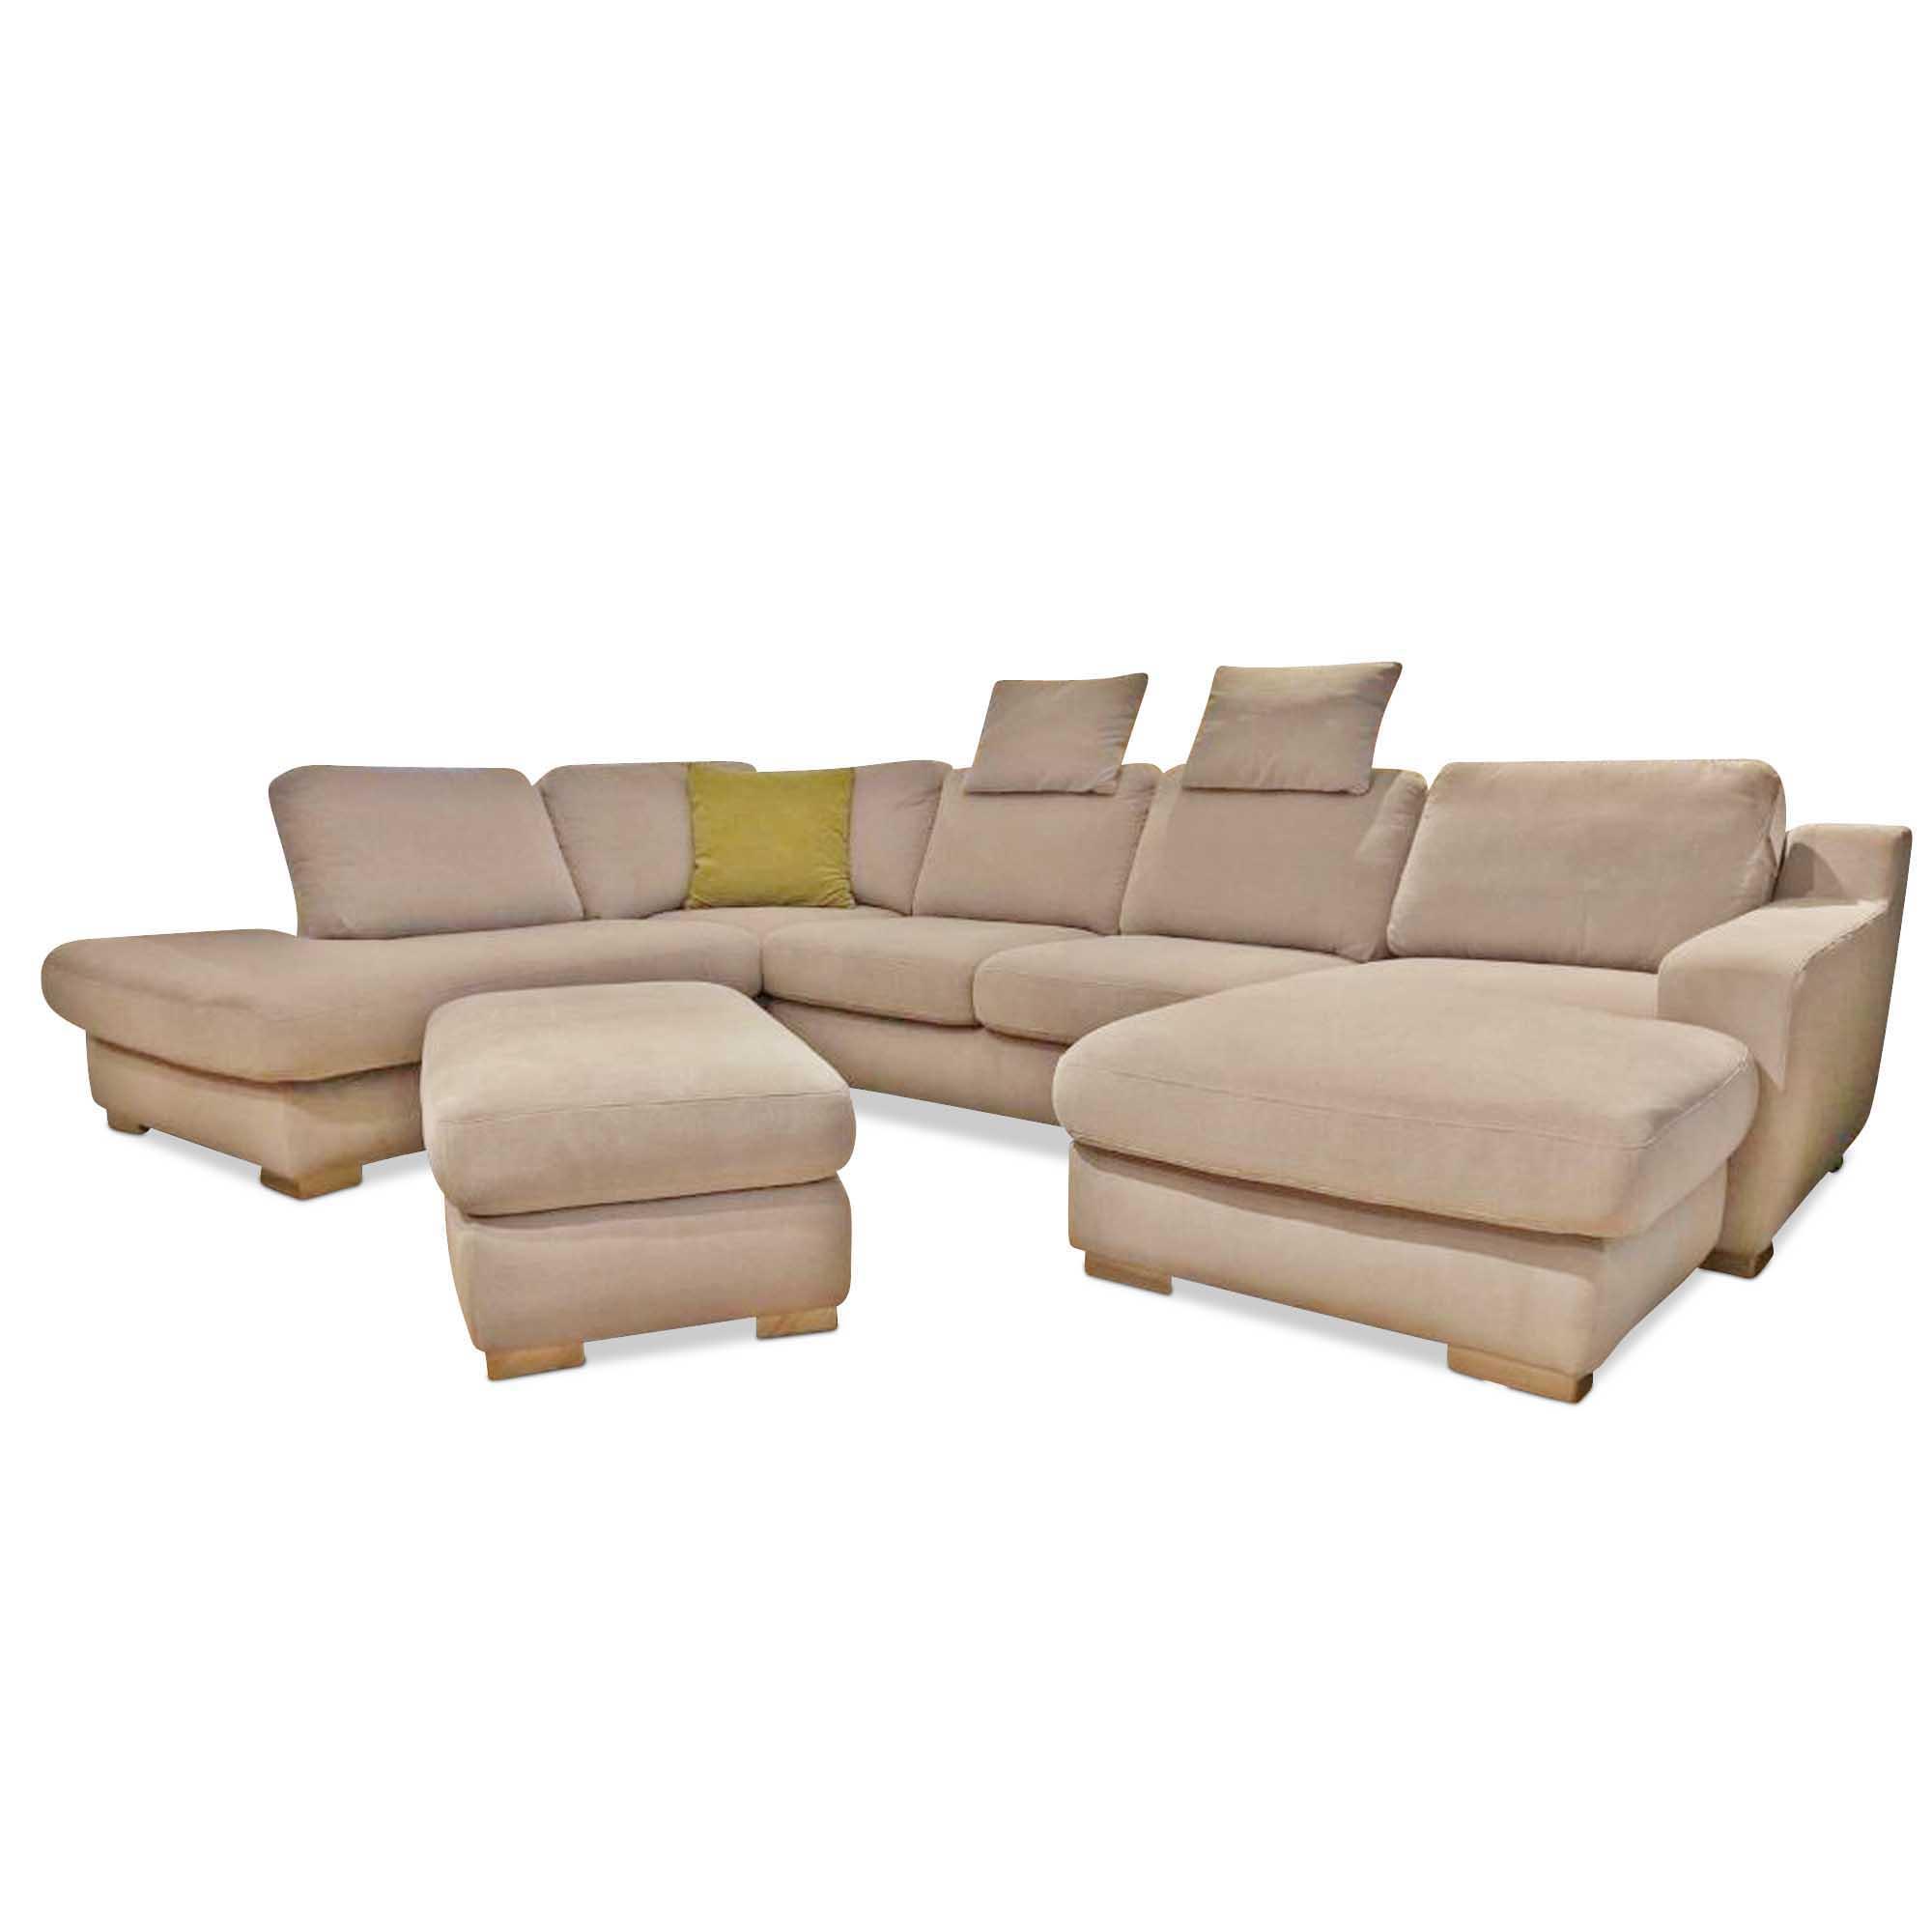 wohnlandschaft campus soft mit hocker carina sofas g nstig kaufen m belfirst. Black Bedroom Furniture Sets. Home Design Ideas